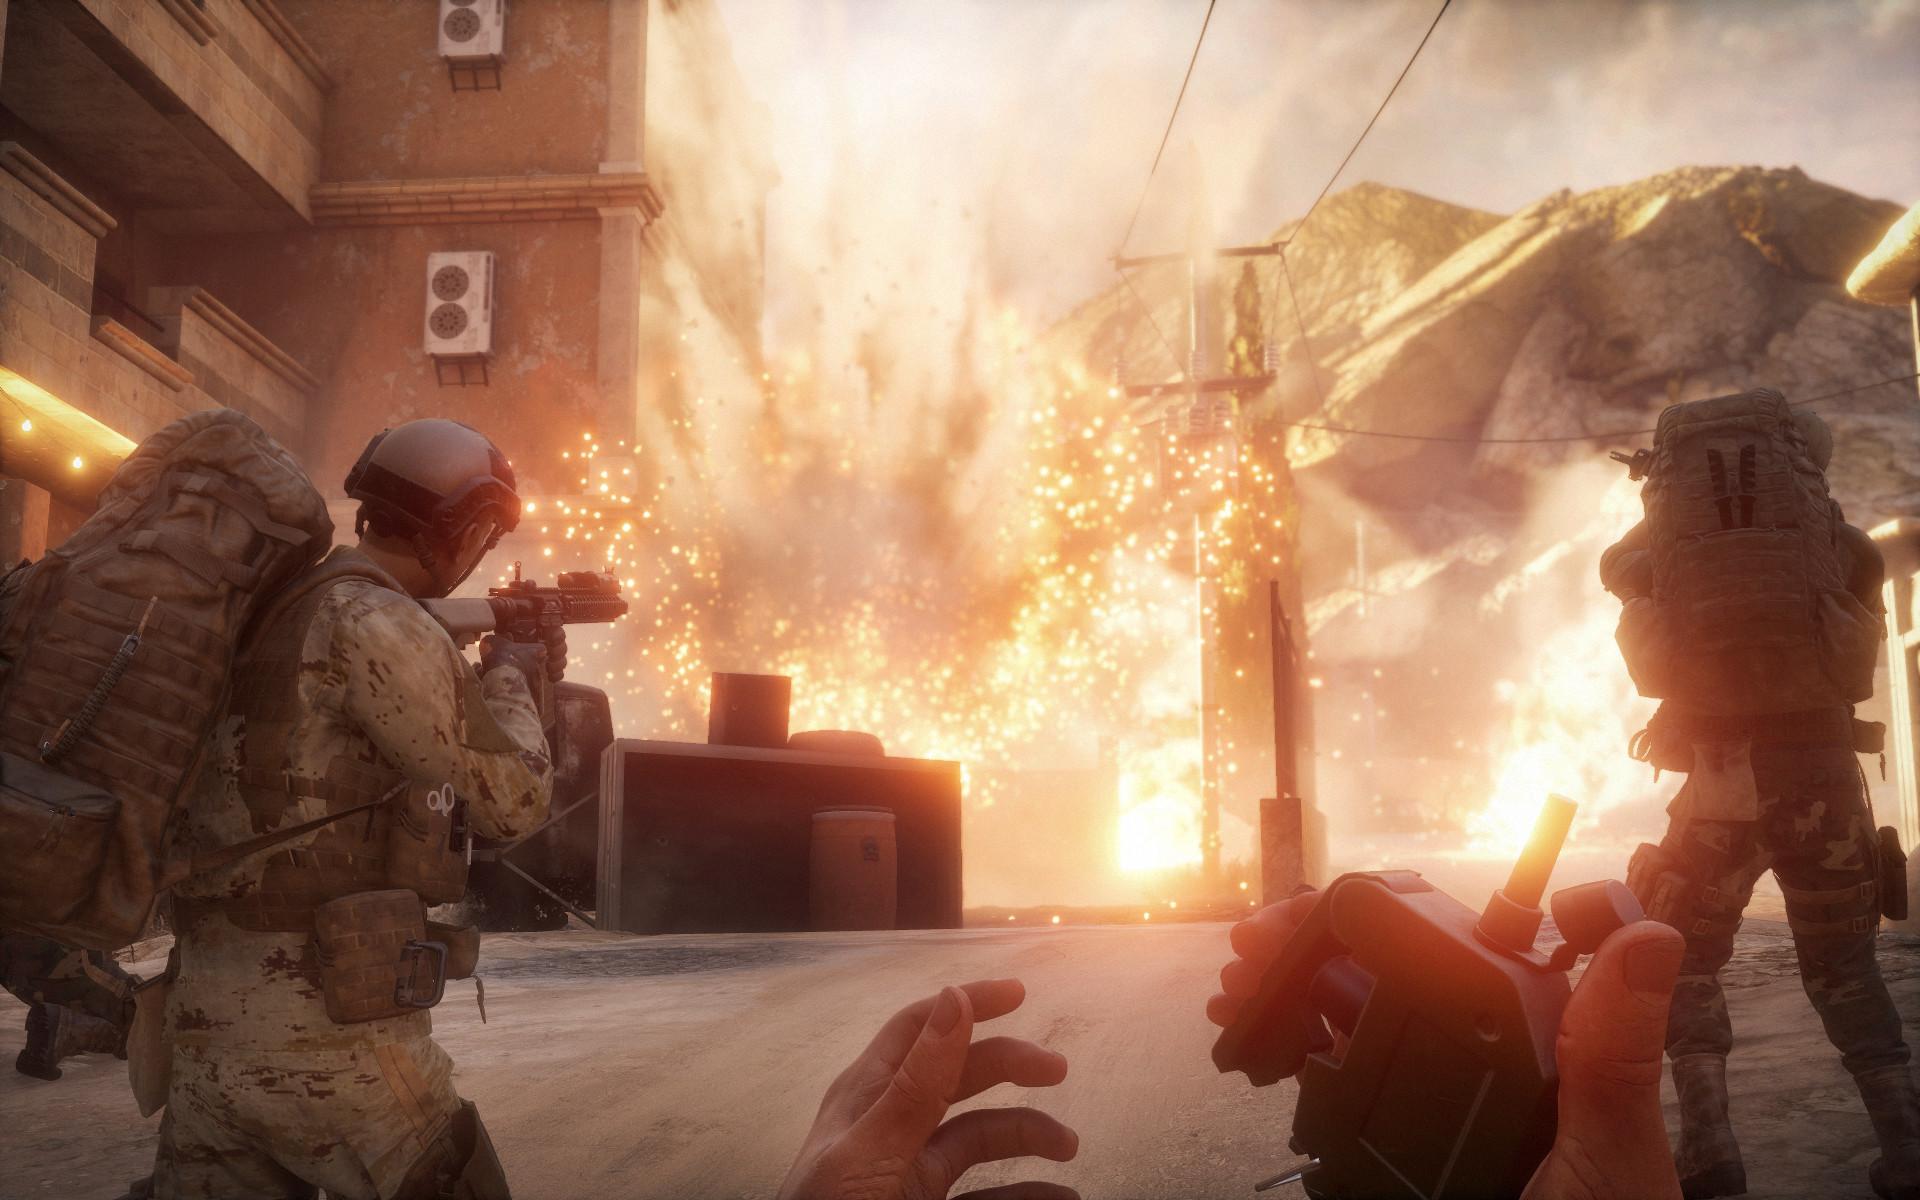 Insurgency: Sandstorm screenshot